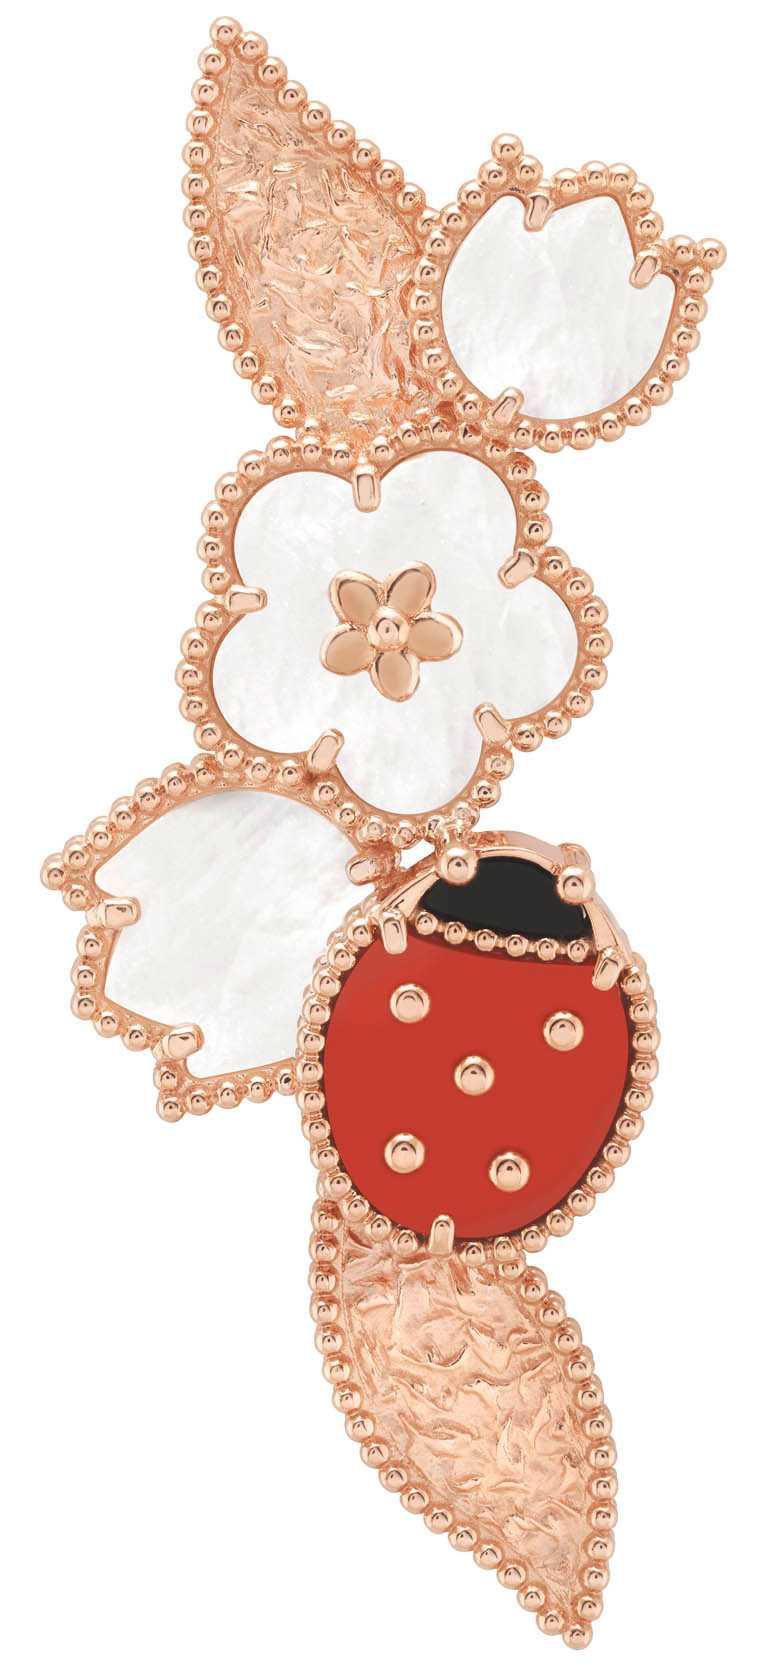 Van Cleef & Arpels「Lucky Spring」系列,瓢蟲花葉造型玫瑰金胸針╱213,000元。(圖╱Van Cleef & Arpels提供)